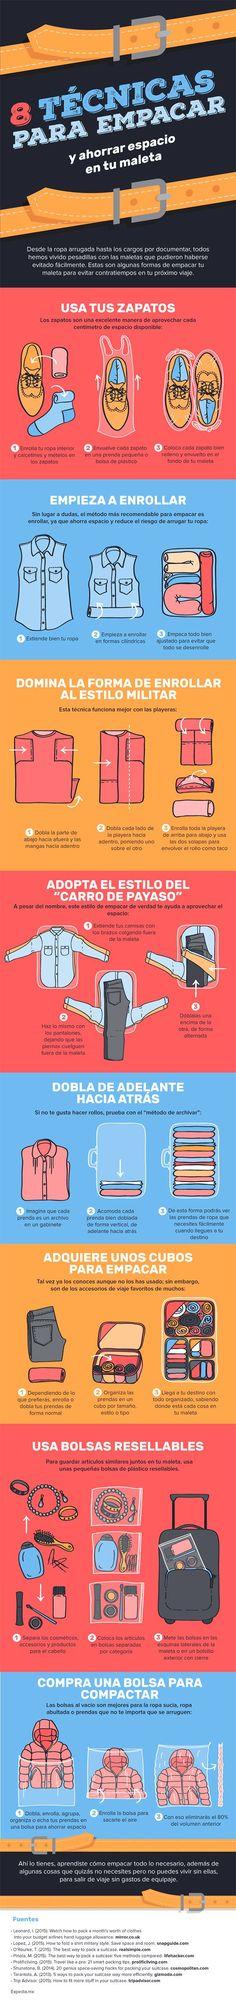 8 técnicas para ahorrar espacio en tu maleta por #Expedia